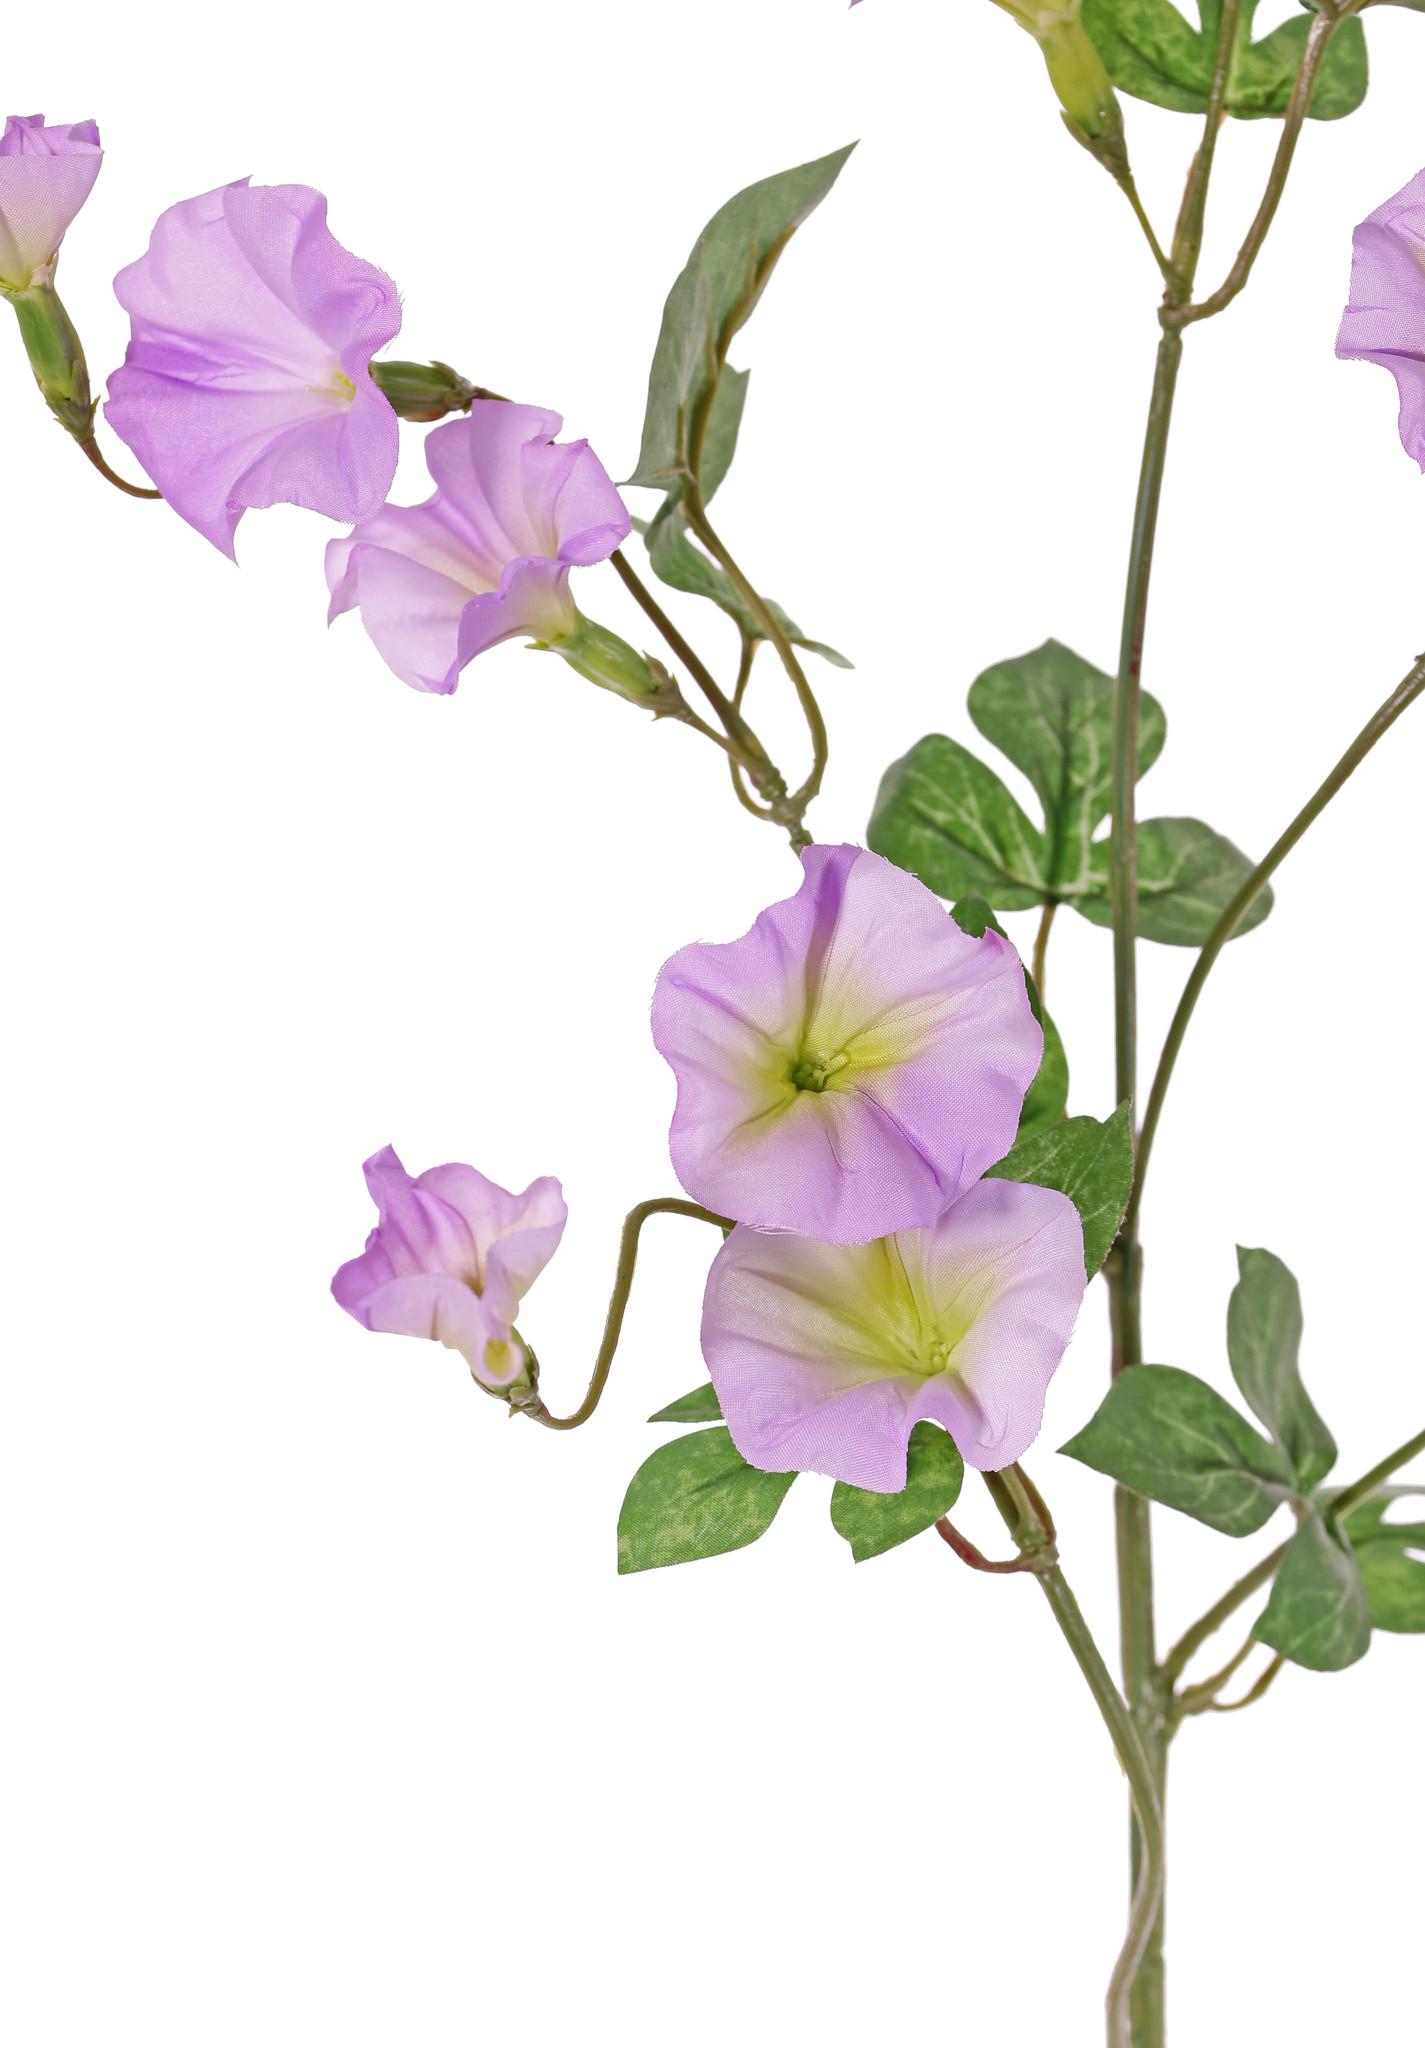 Winden (Convolvulaceae) 4 Verzweigungen, 15 Blumen, 14 Blätter, 63 cm